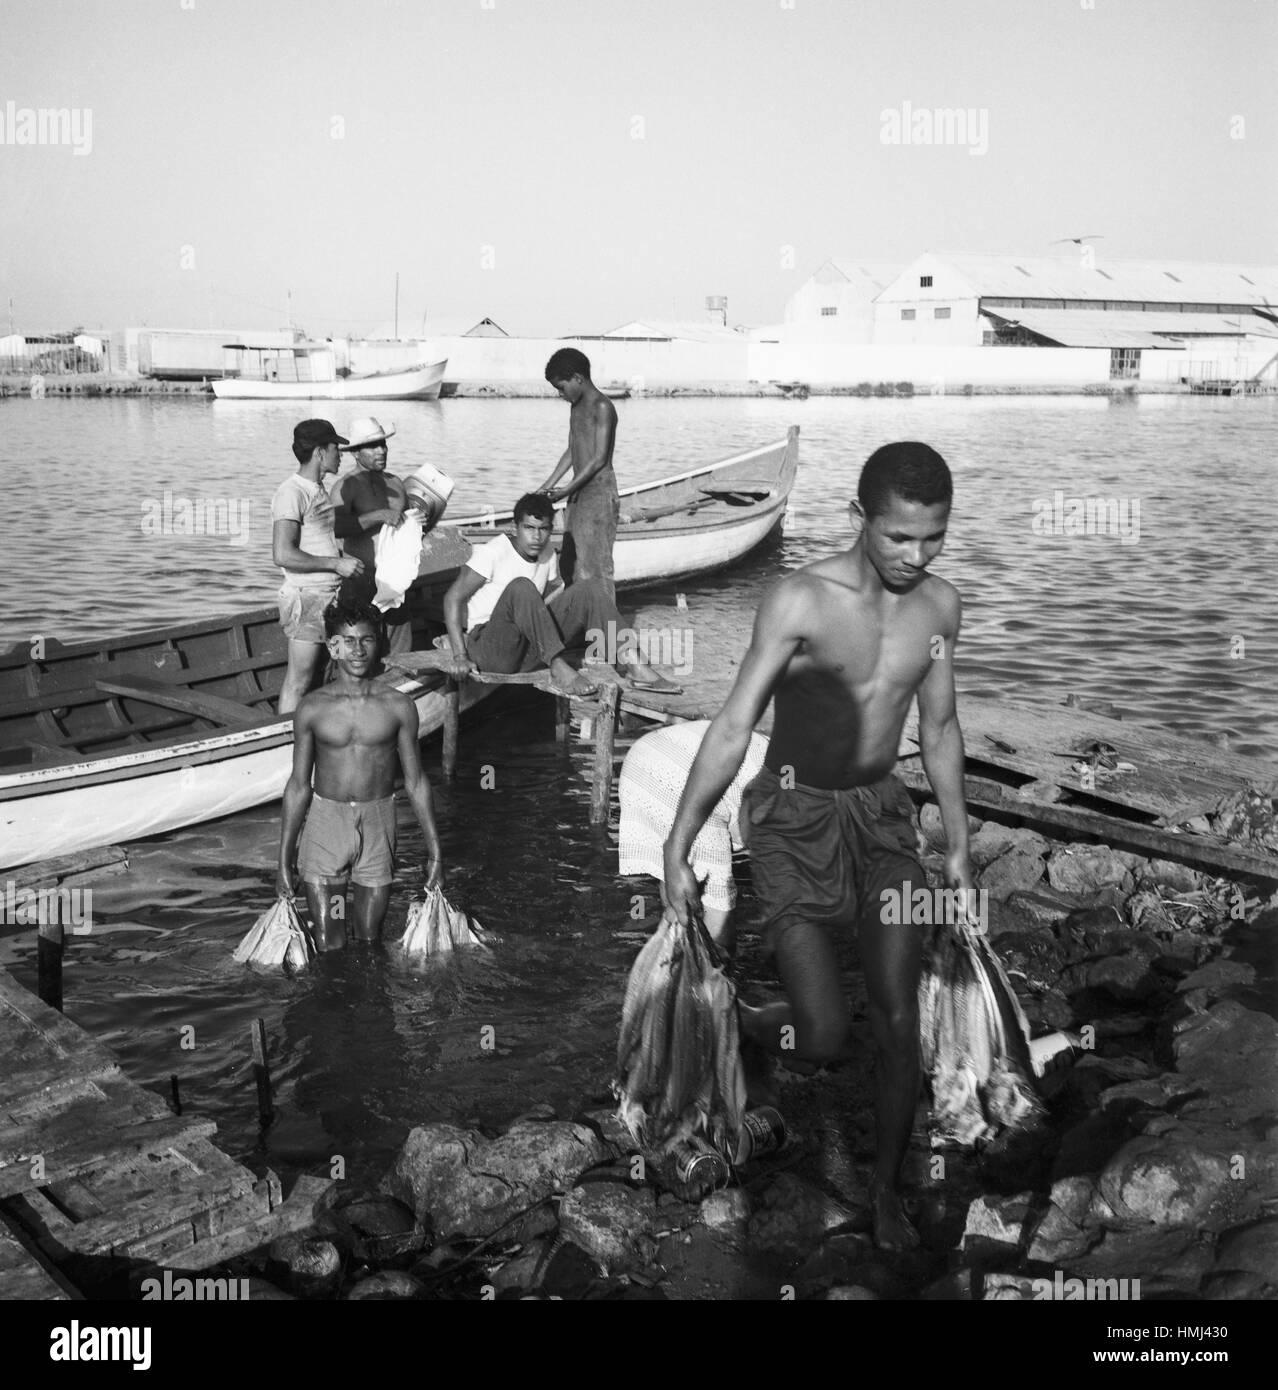 Jungen tragen Fische aus dem Rio Manzanares in Cumaná ans Ufer, Venezuela 1966. Boys carry fish out of the Rio Manzanares Stock Photo